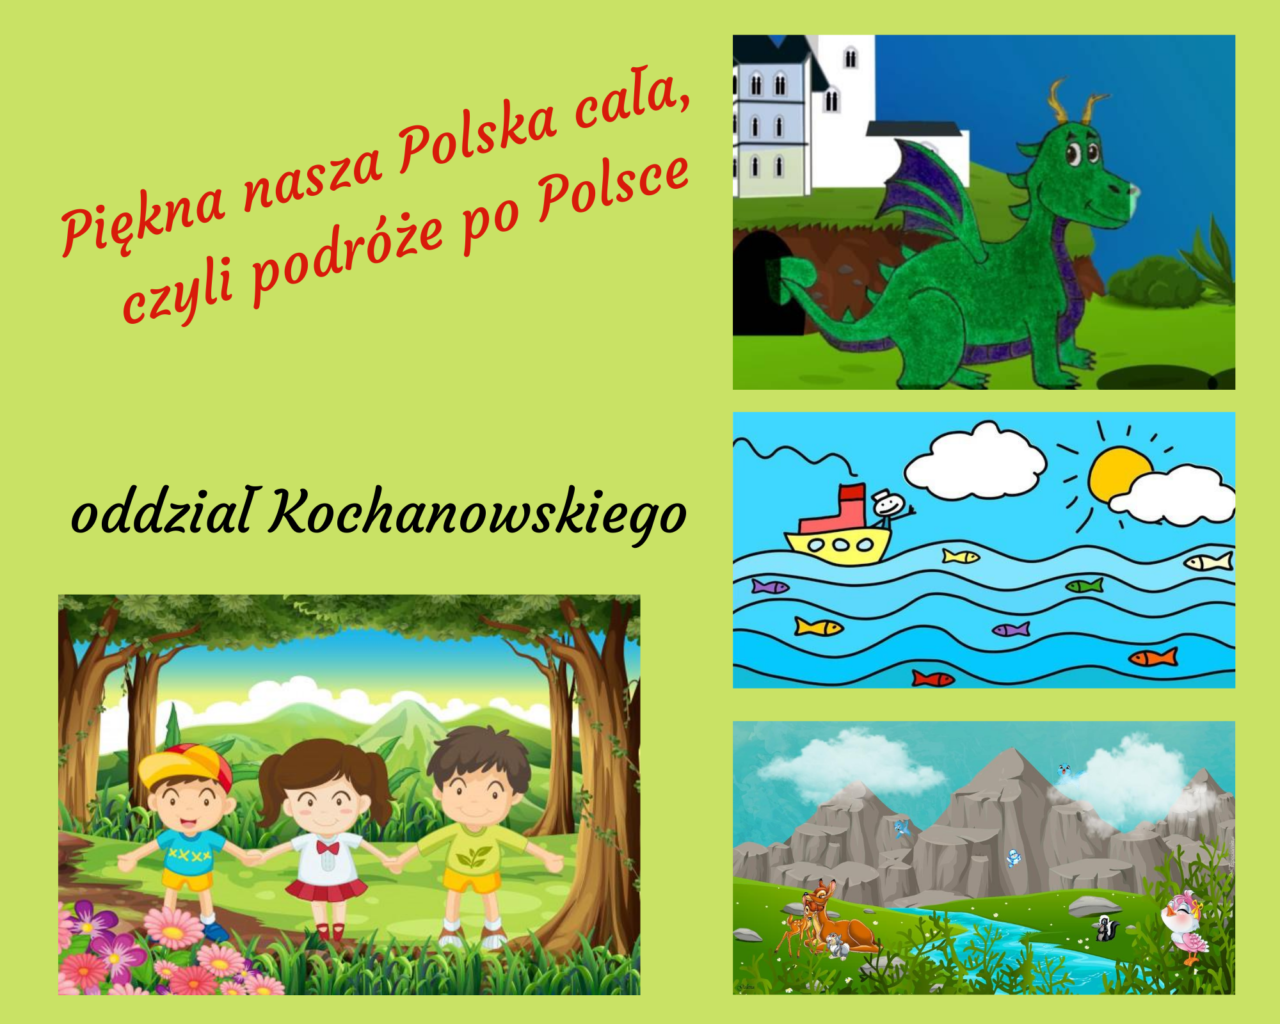 1. Piękna nasza Polska cała, czyli podróże po Polsce